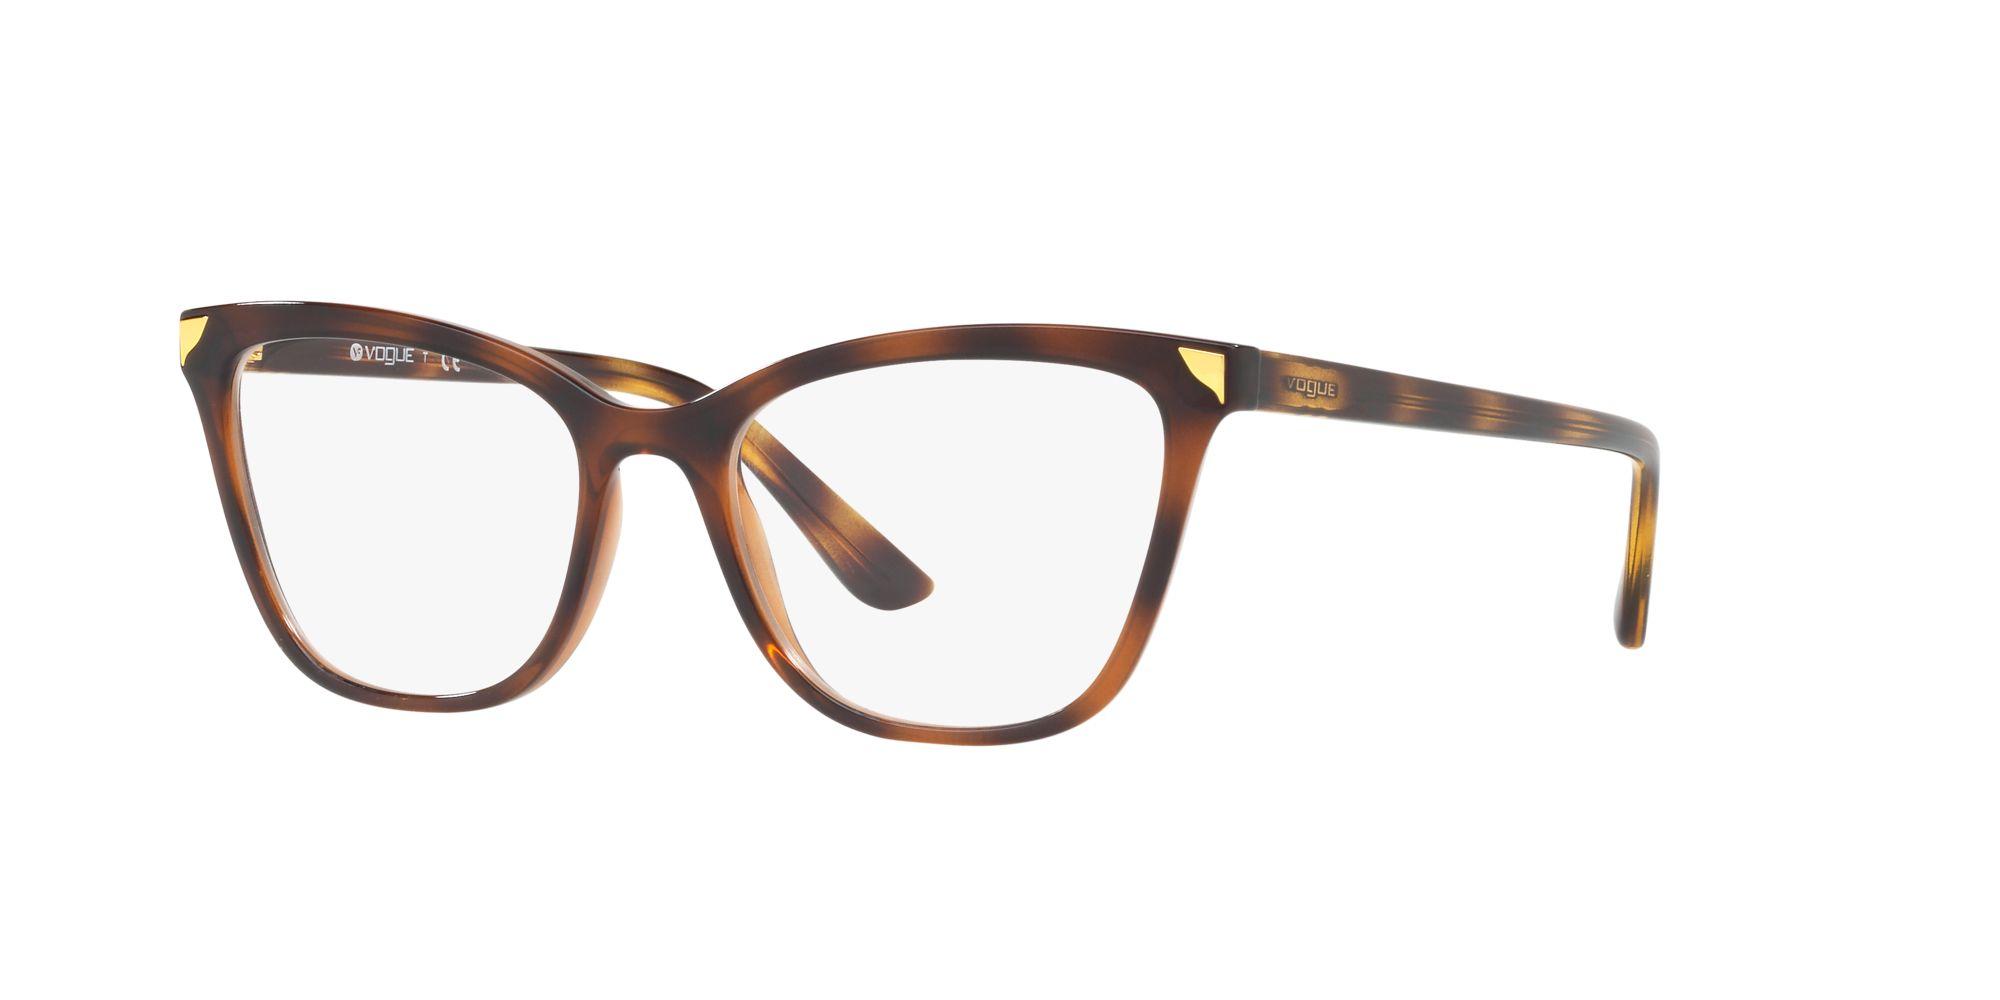 Occhiali da Vista Vogue Eyewear VO5206 Metallic Beat 2386 ztpaP8E